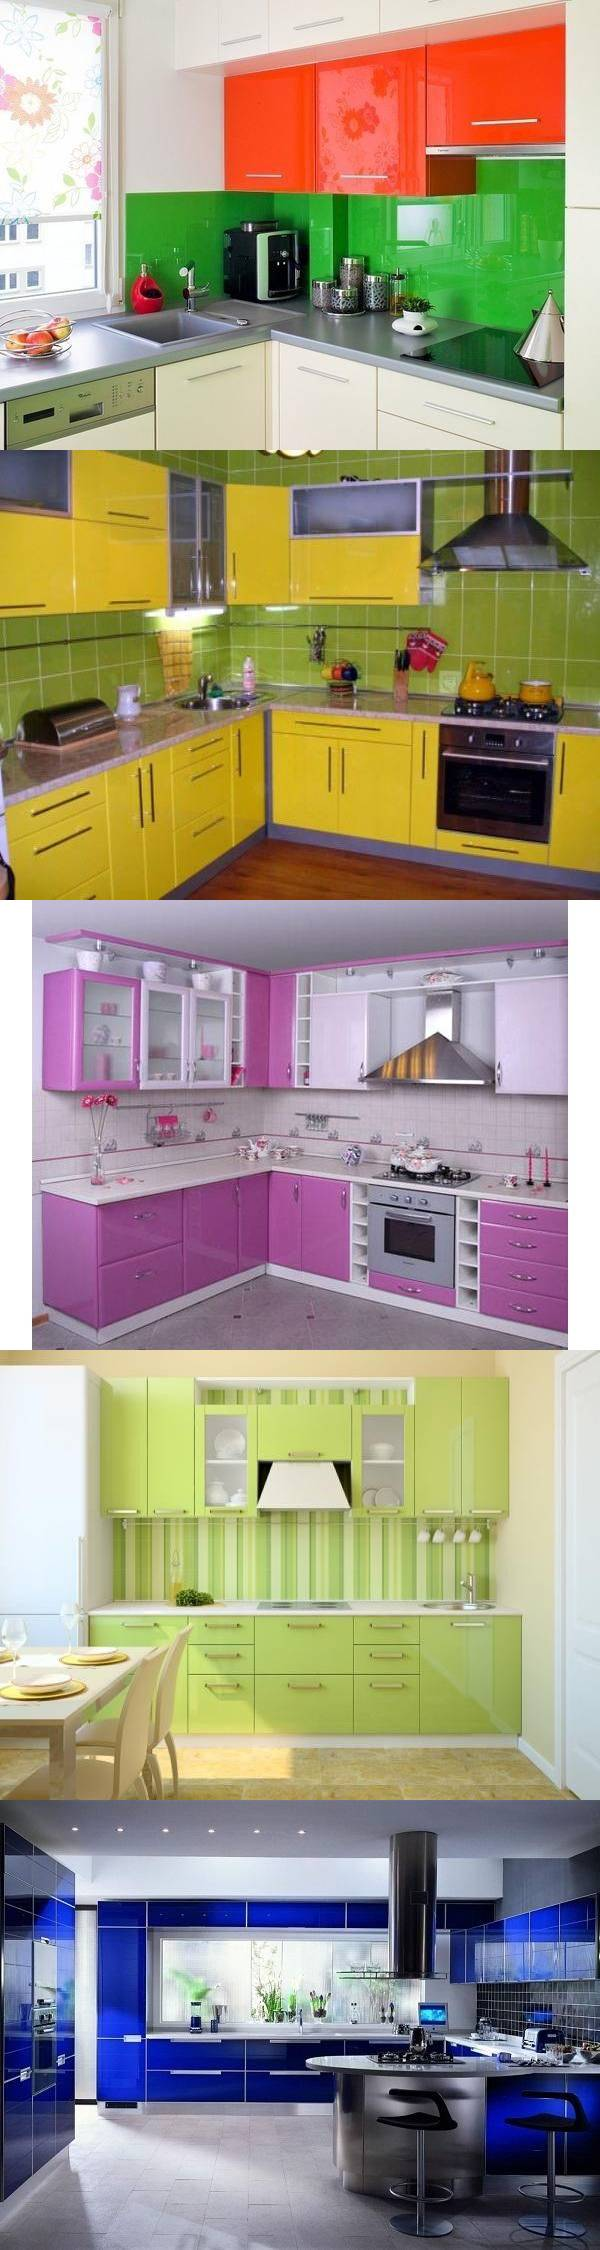 Яркие кухни - 24 идеи